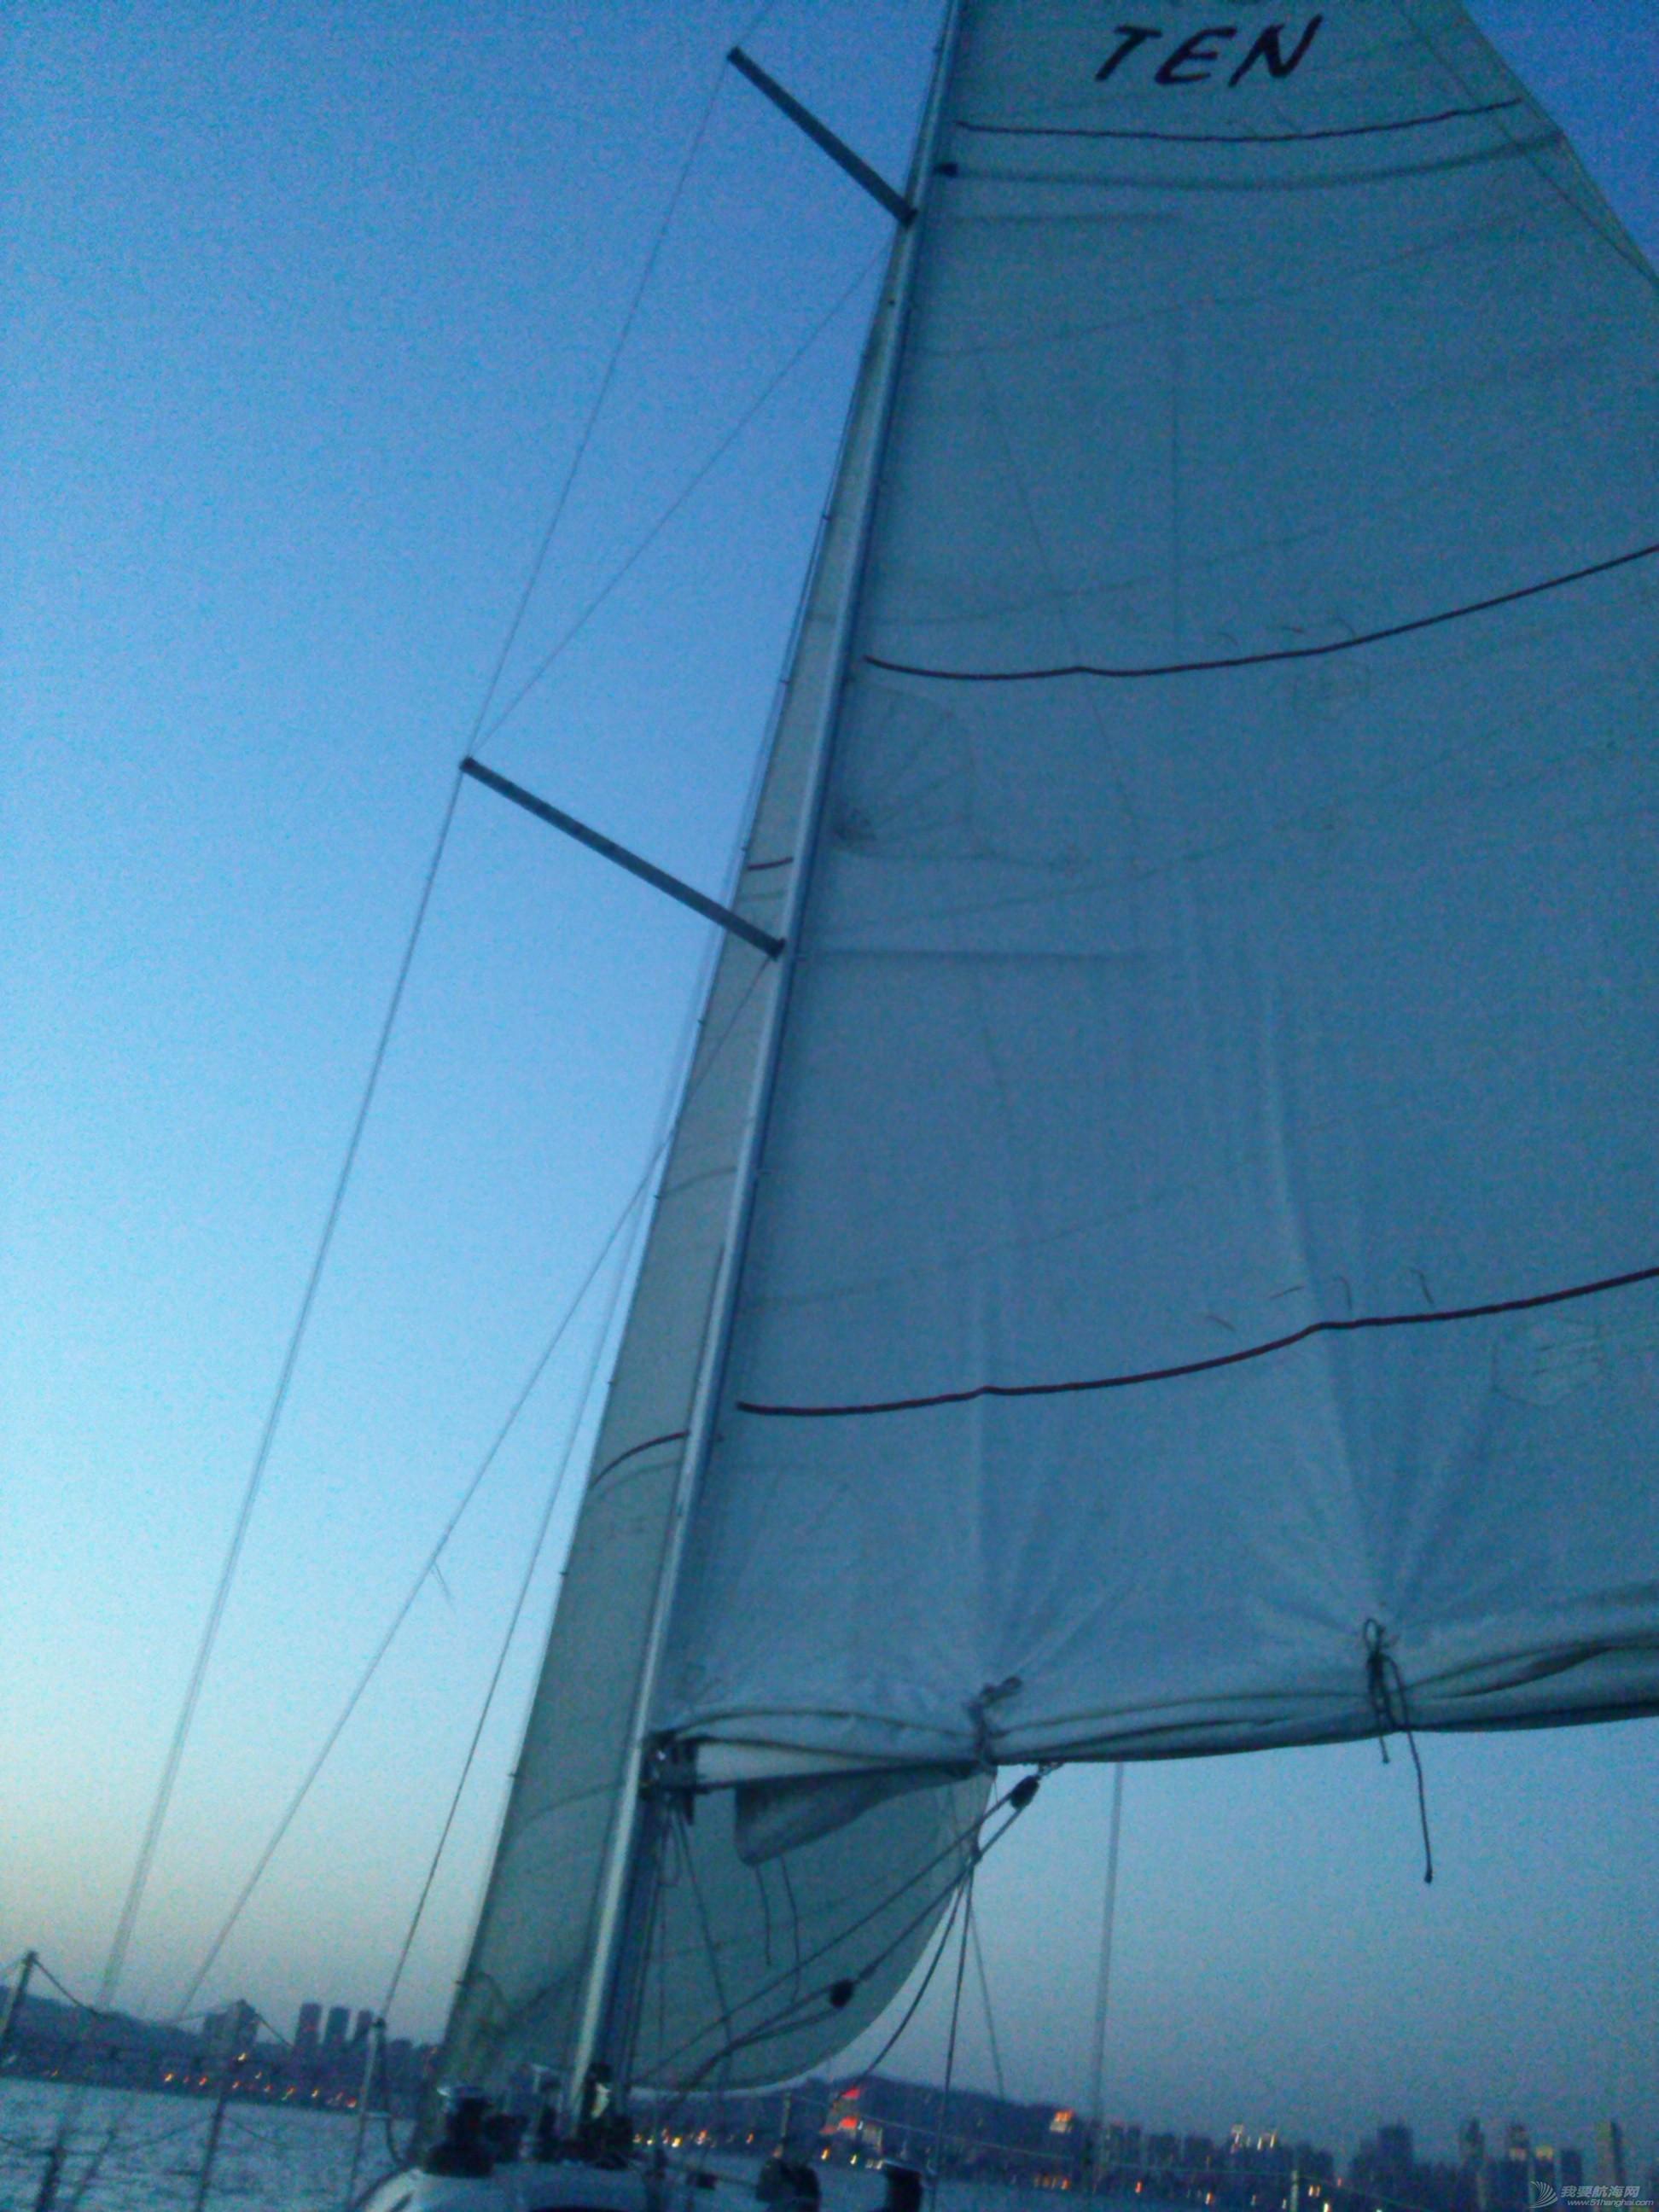 大连海事,大学,帆船 大连海事大学帆船队之训练到天黑20150520